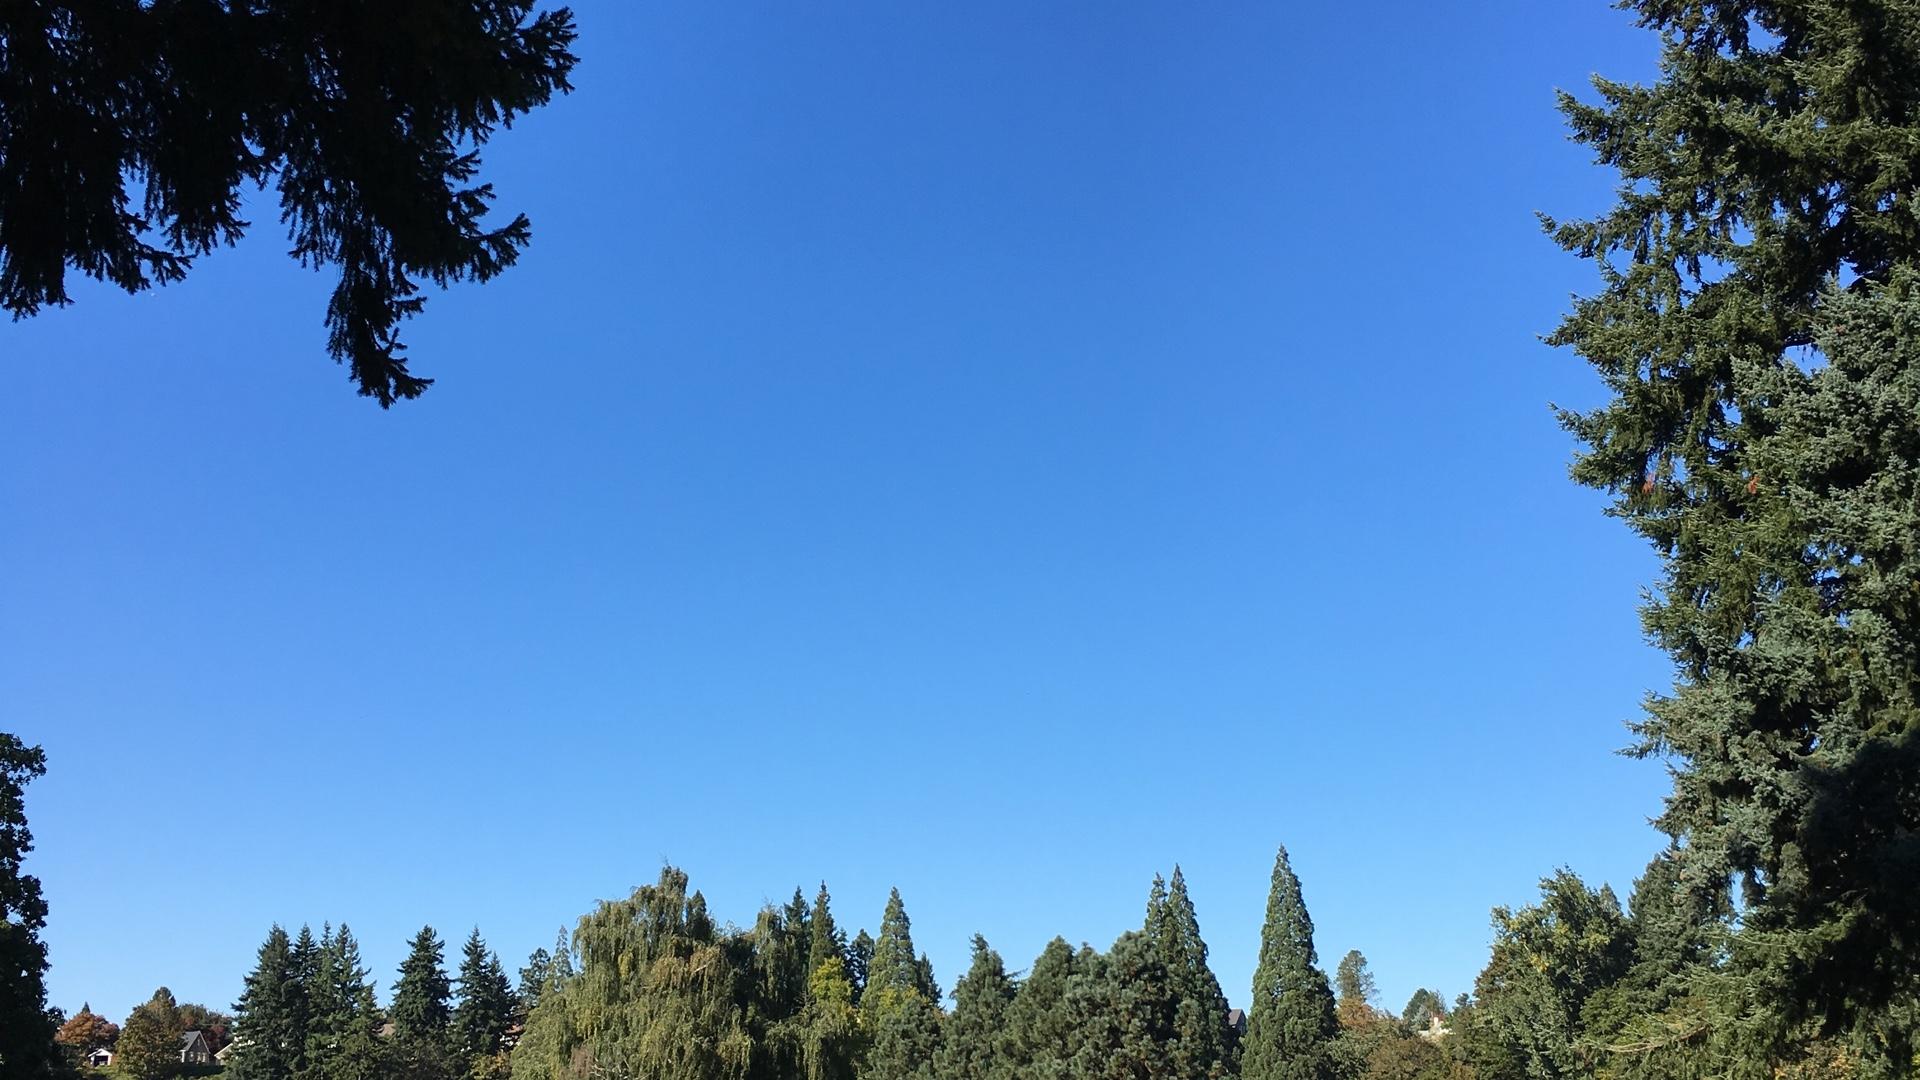 木の間からのぞく青い空